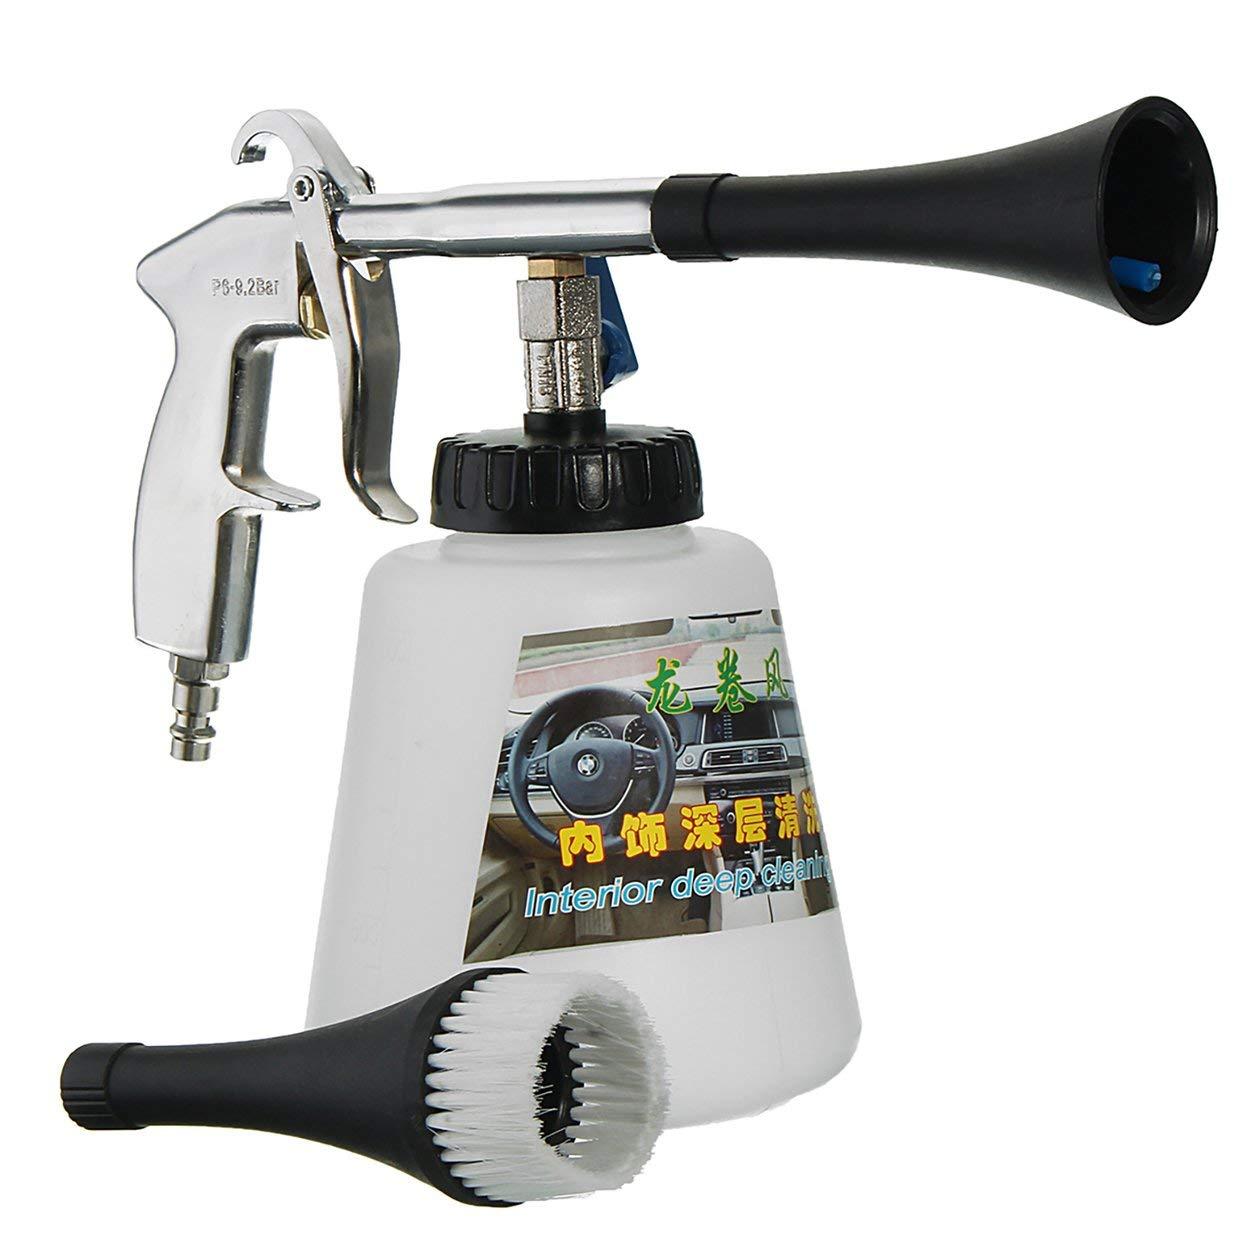 Hochdruck-Luft-Pulse-Auto-Reinigungspistole-mit-Pinsel-Multifunktionale-Oberflchen-Interieur-Exterieur-Pflegeset-EU-Typ